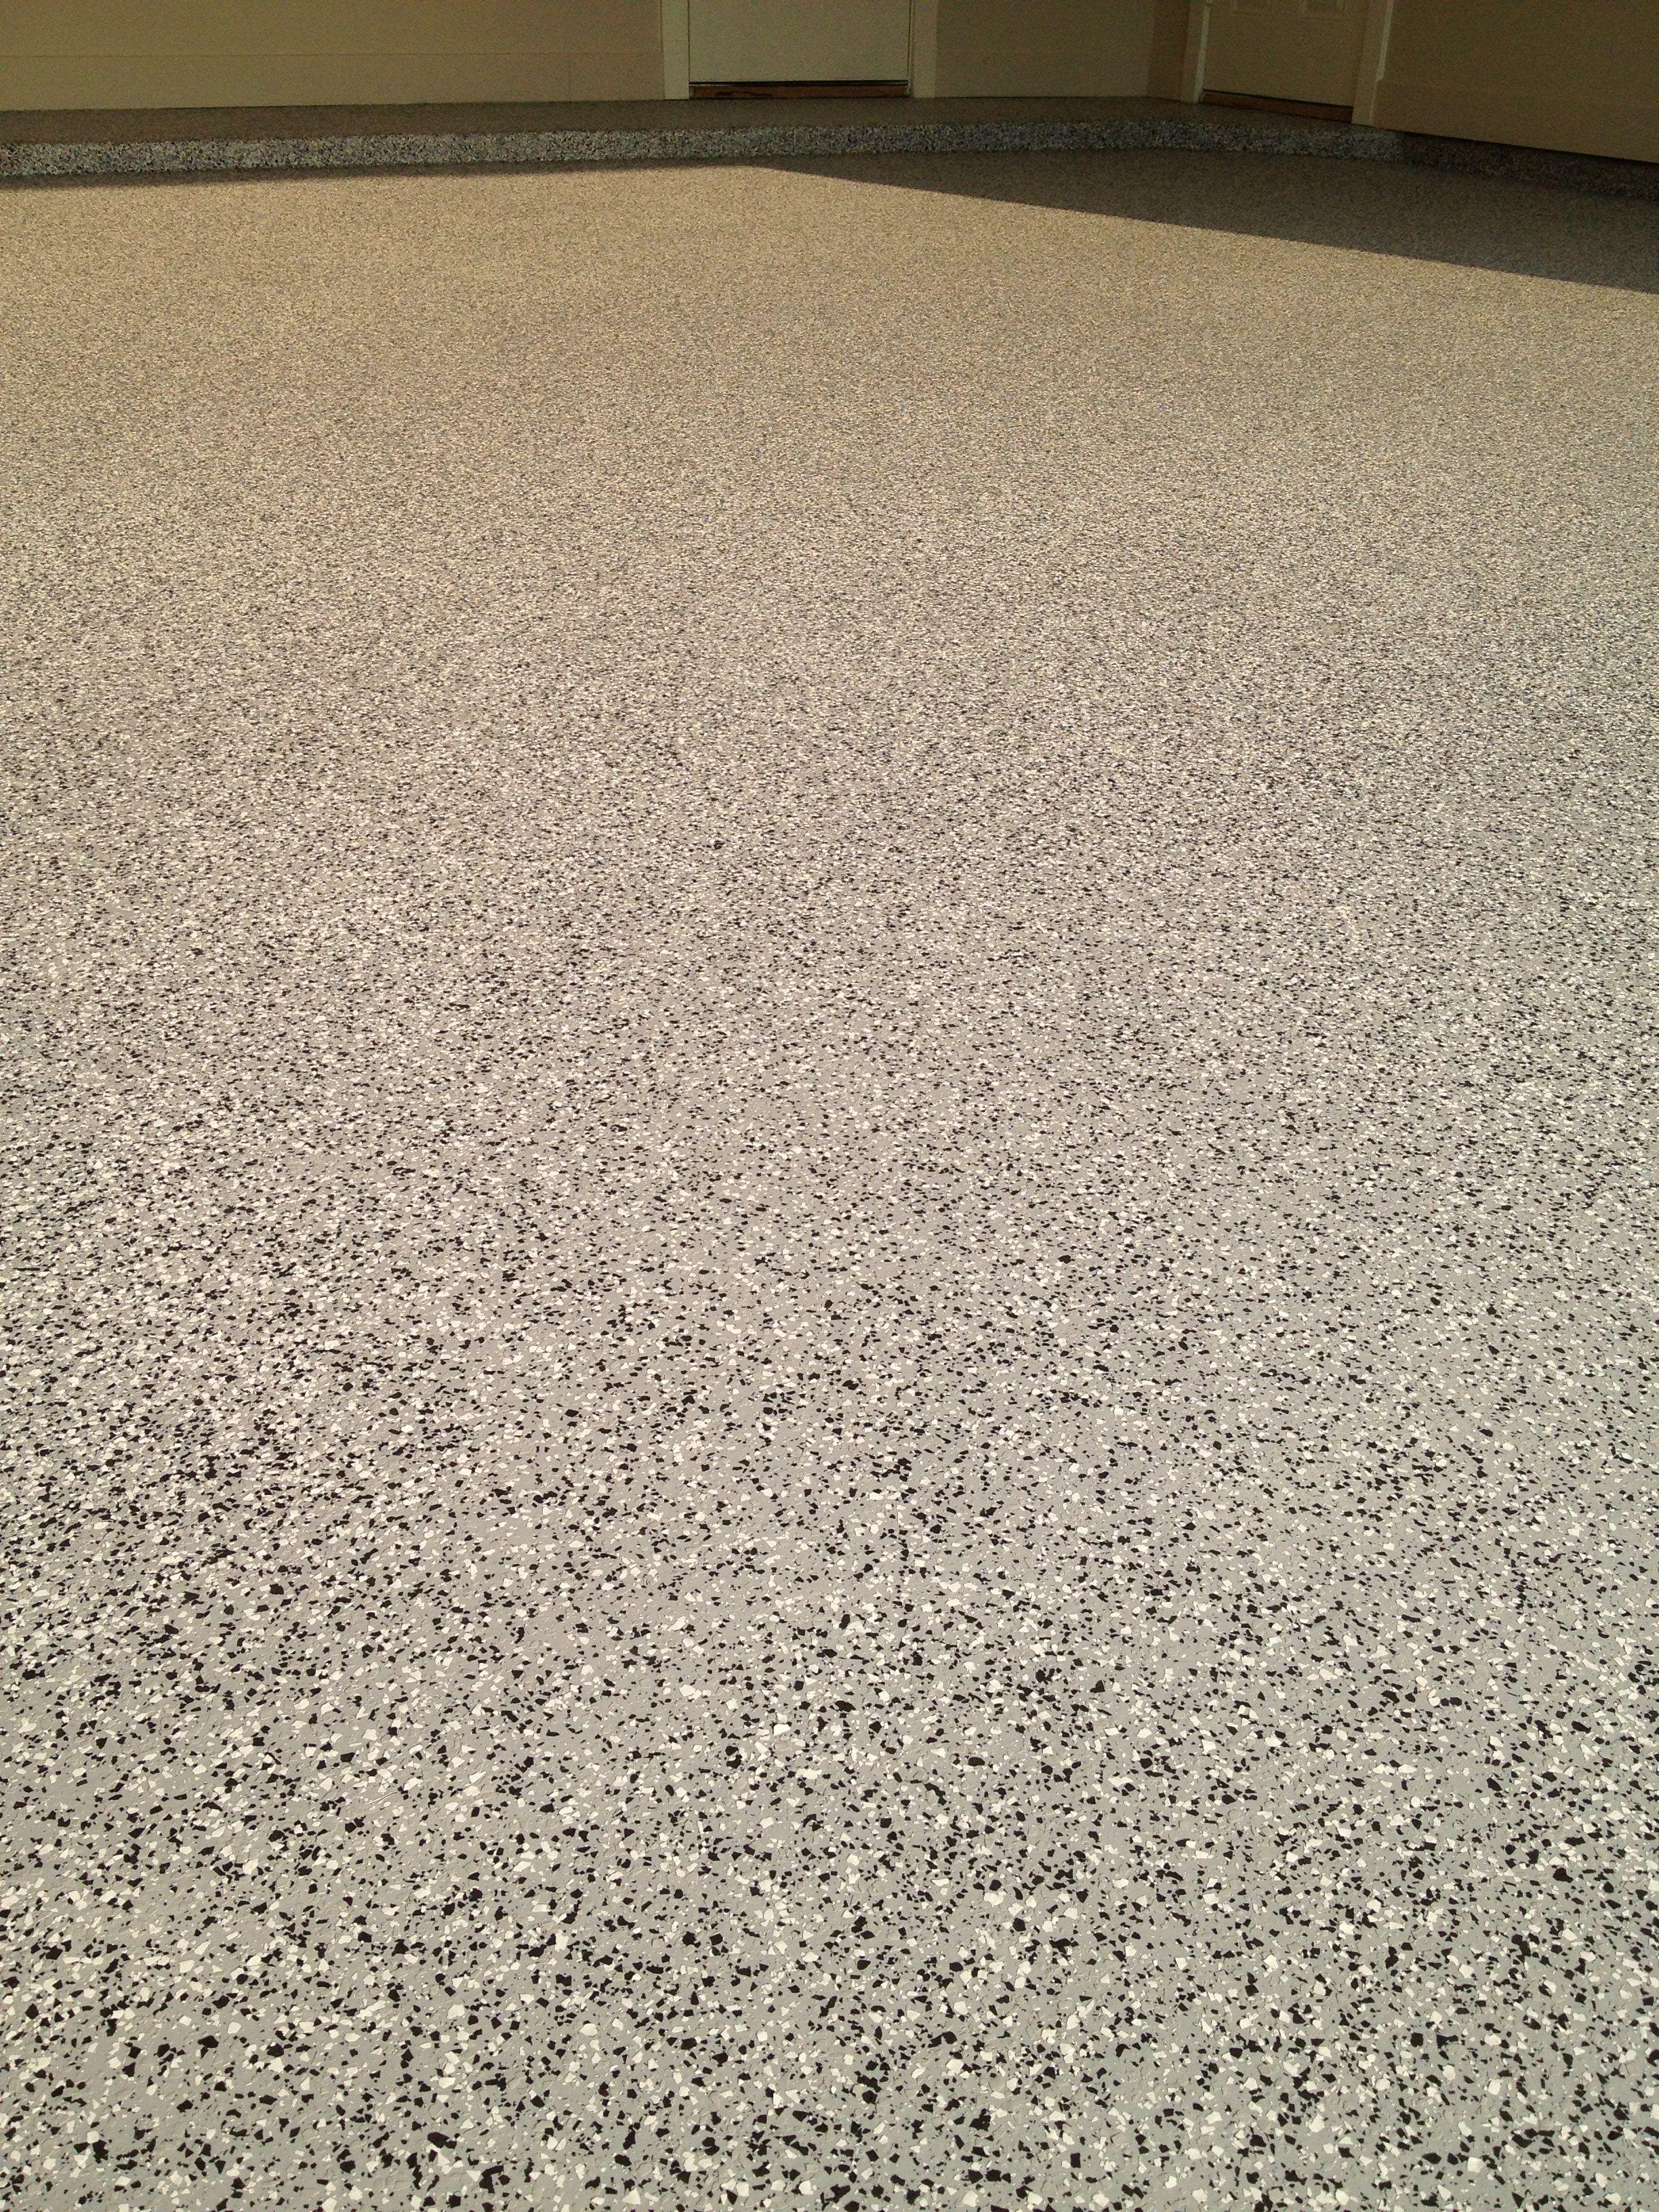 1 4 Tuxedo Gray Black White Flake Blend Heavy Broadcast On